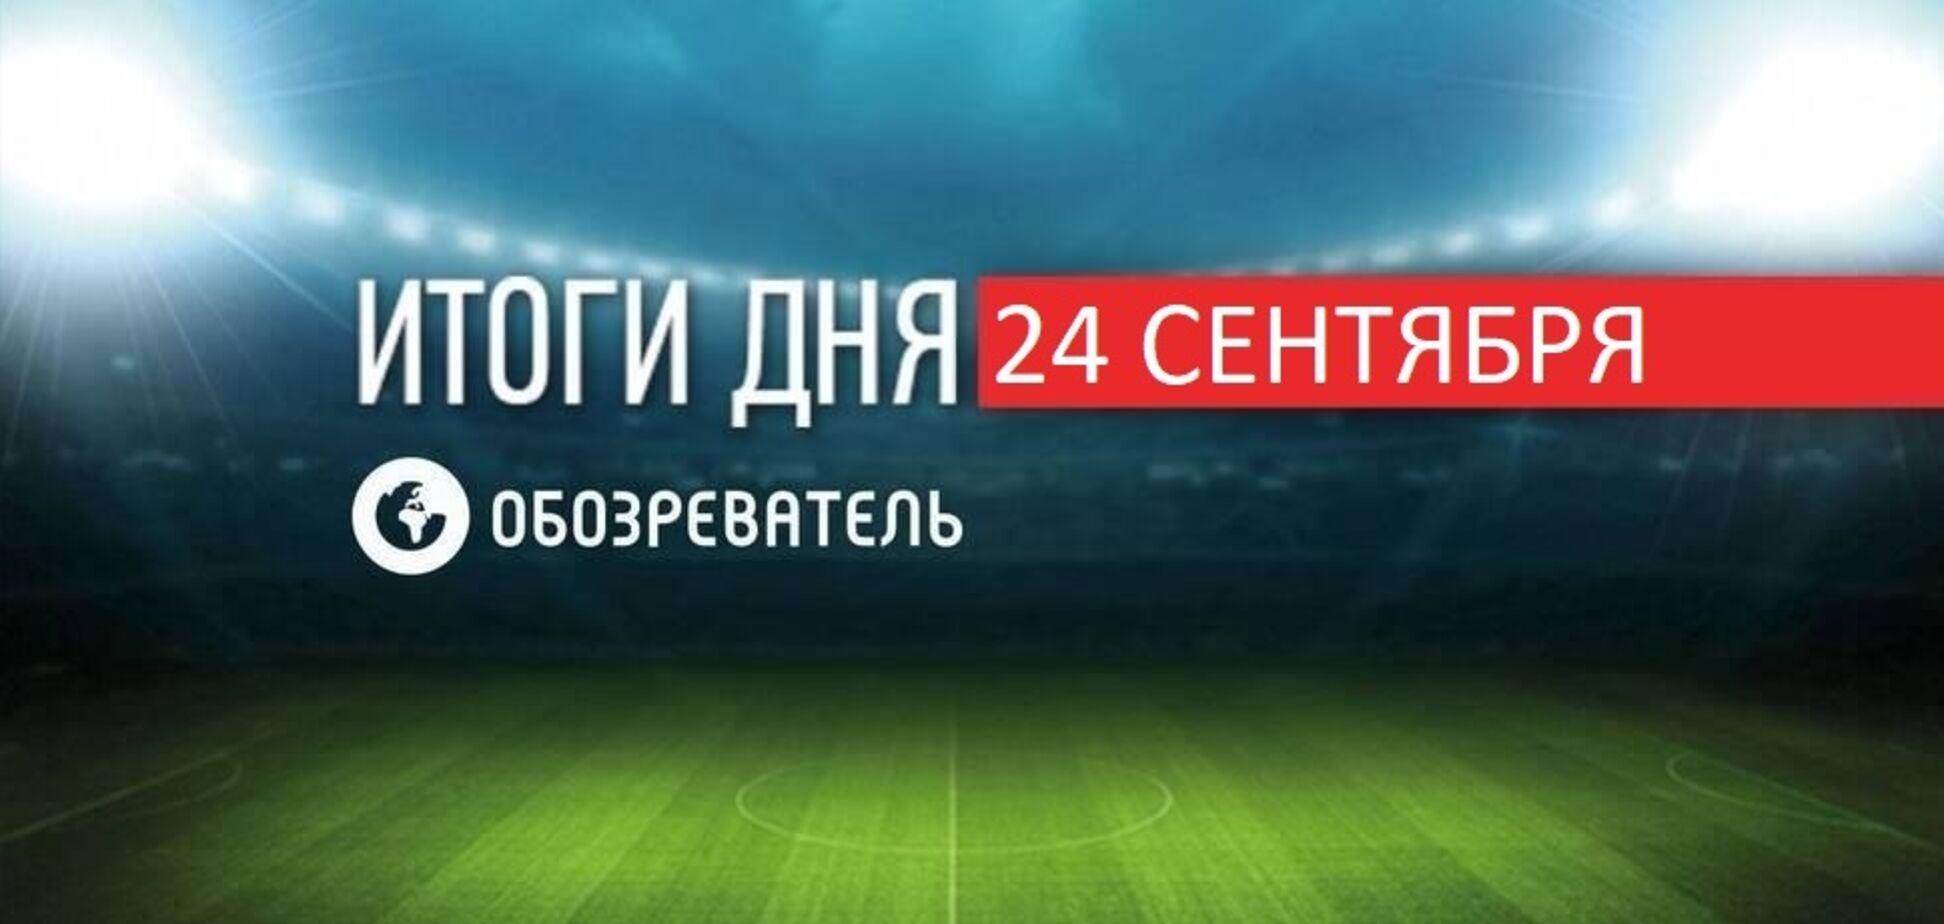 'Динамо' предложили 25 млн евро за футболиста сборной Украины: итоги спорта 24 сентября